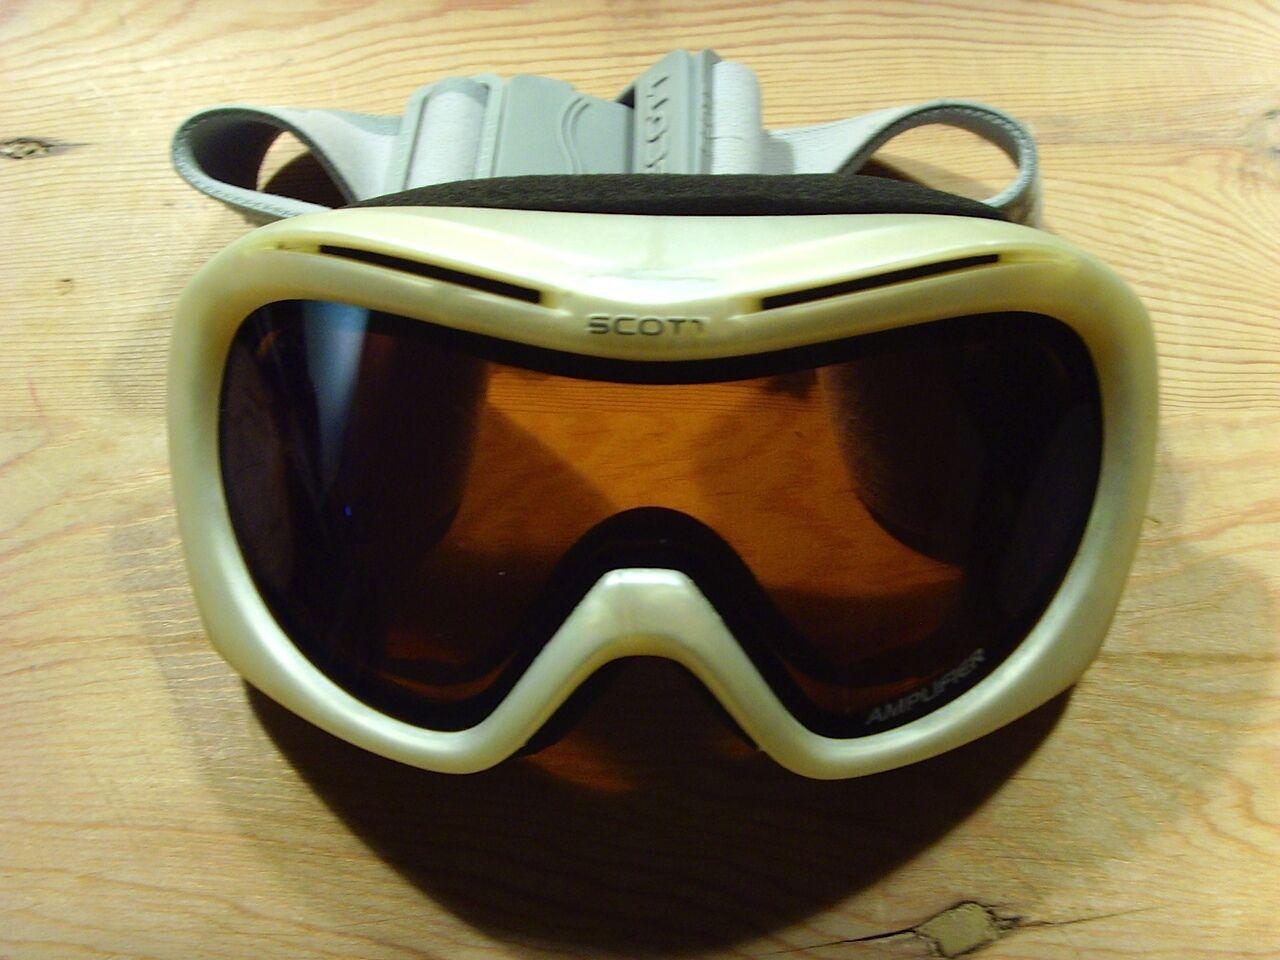 Usado - Gafas de Ski SCOTT Ski Glasses Goggles - Modelo Aviador - Usado